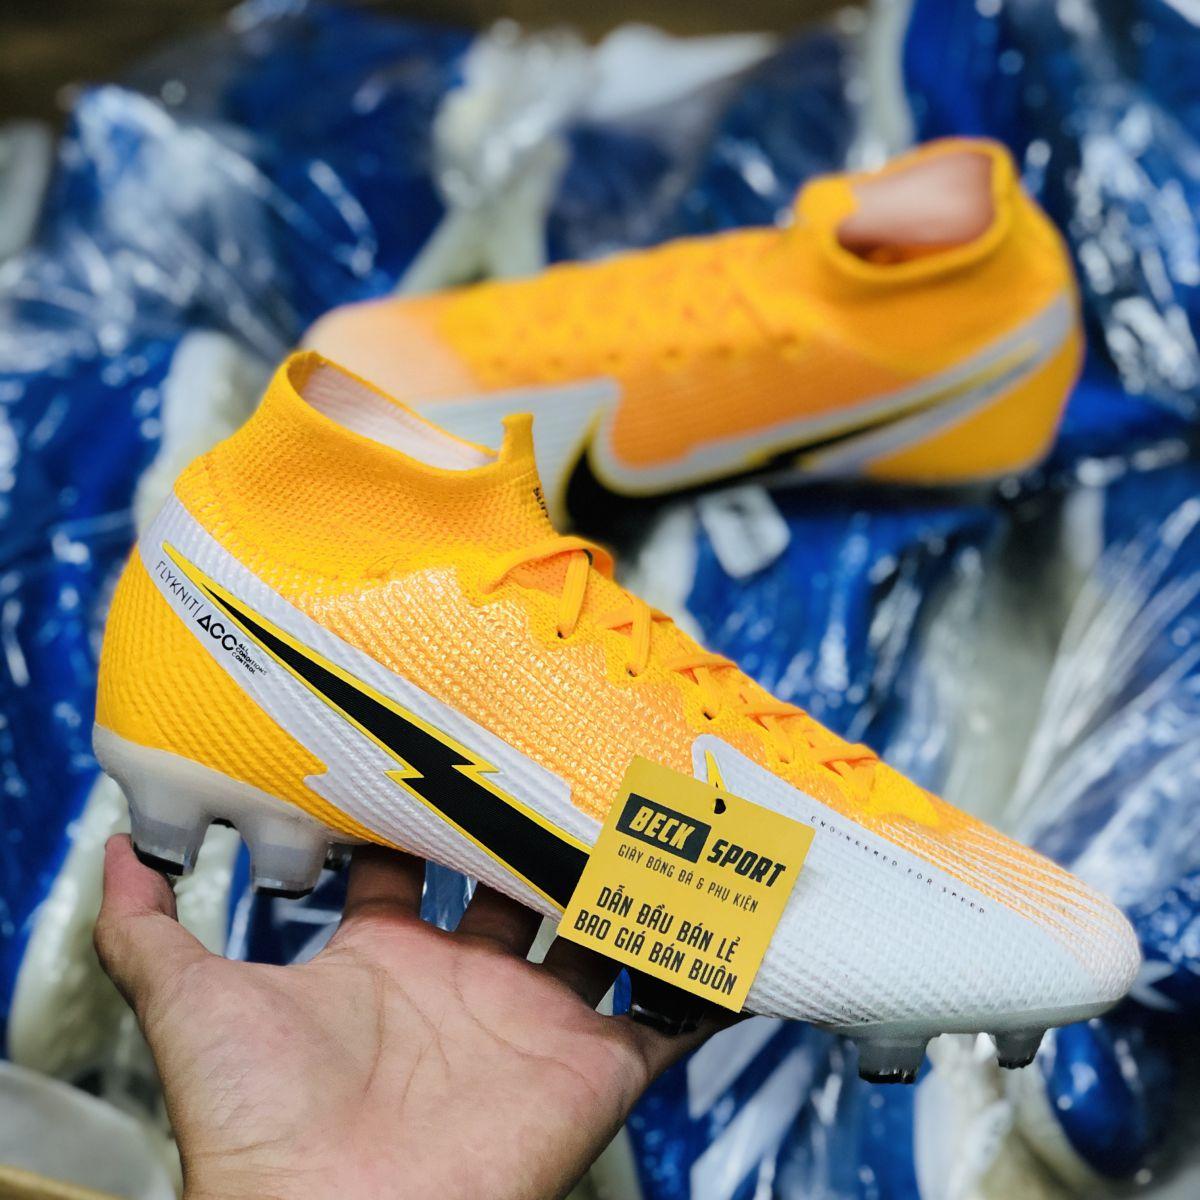 Giày Bóng Đá Nike Mercurial Superfly 7 Elite Cam Trắng Vạch Đen Cao Cổ FG